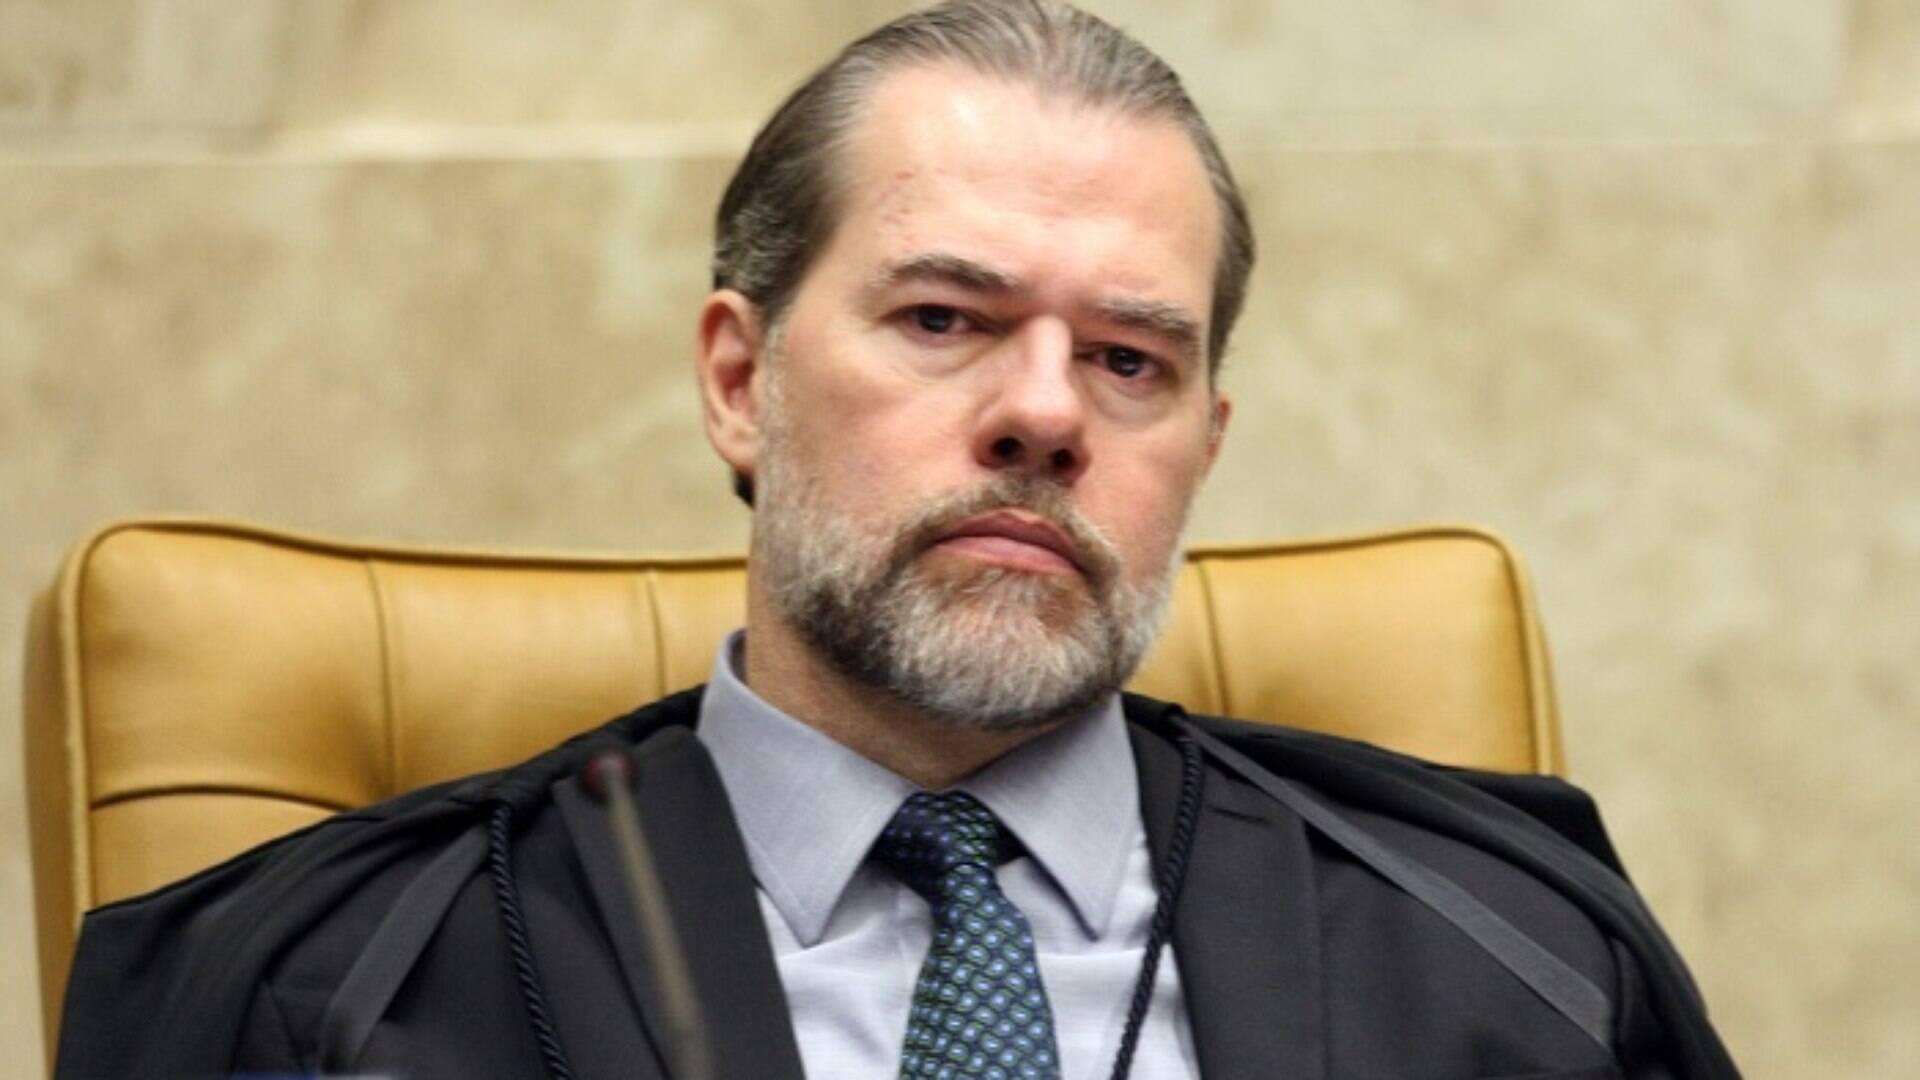 STF: Ministro Dias Toffoli sofre queda e está em hospital de SP - Brasil -  iG